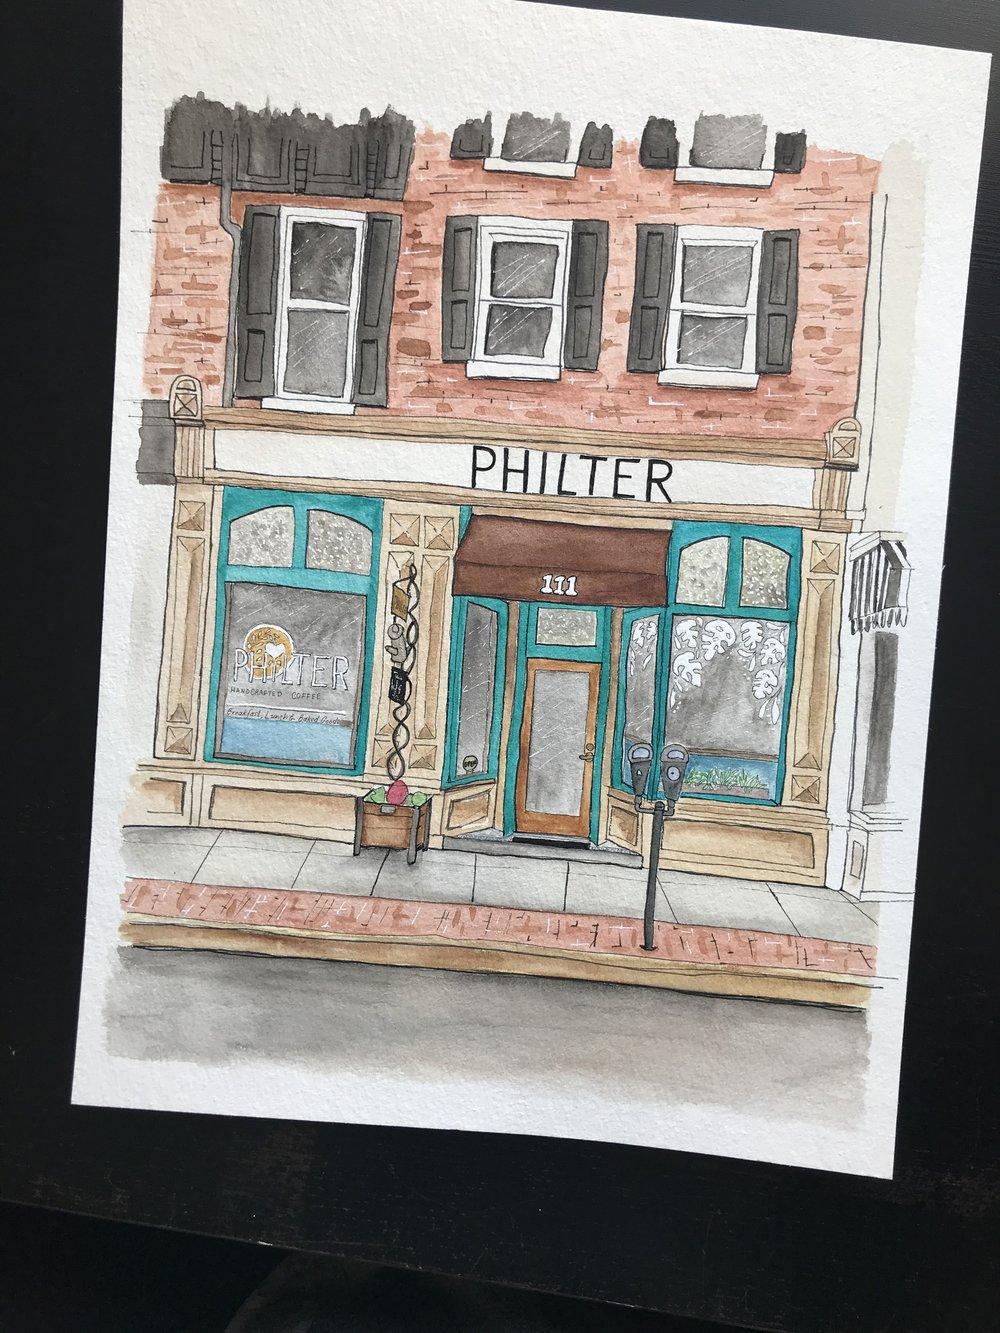 philter1.jpg